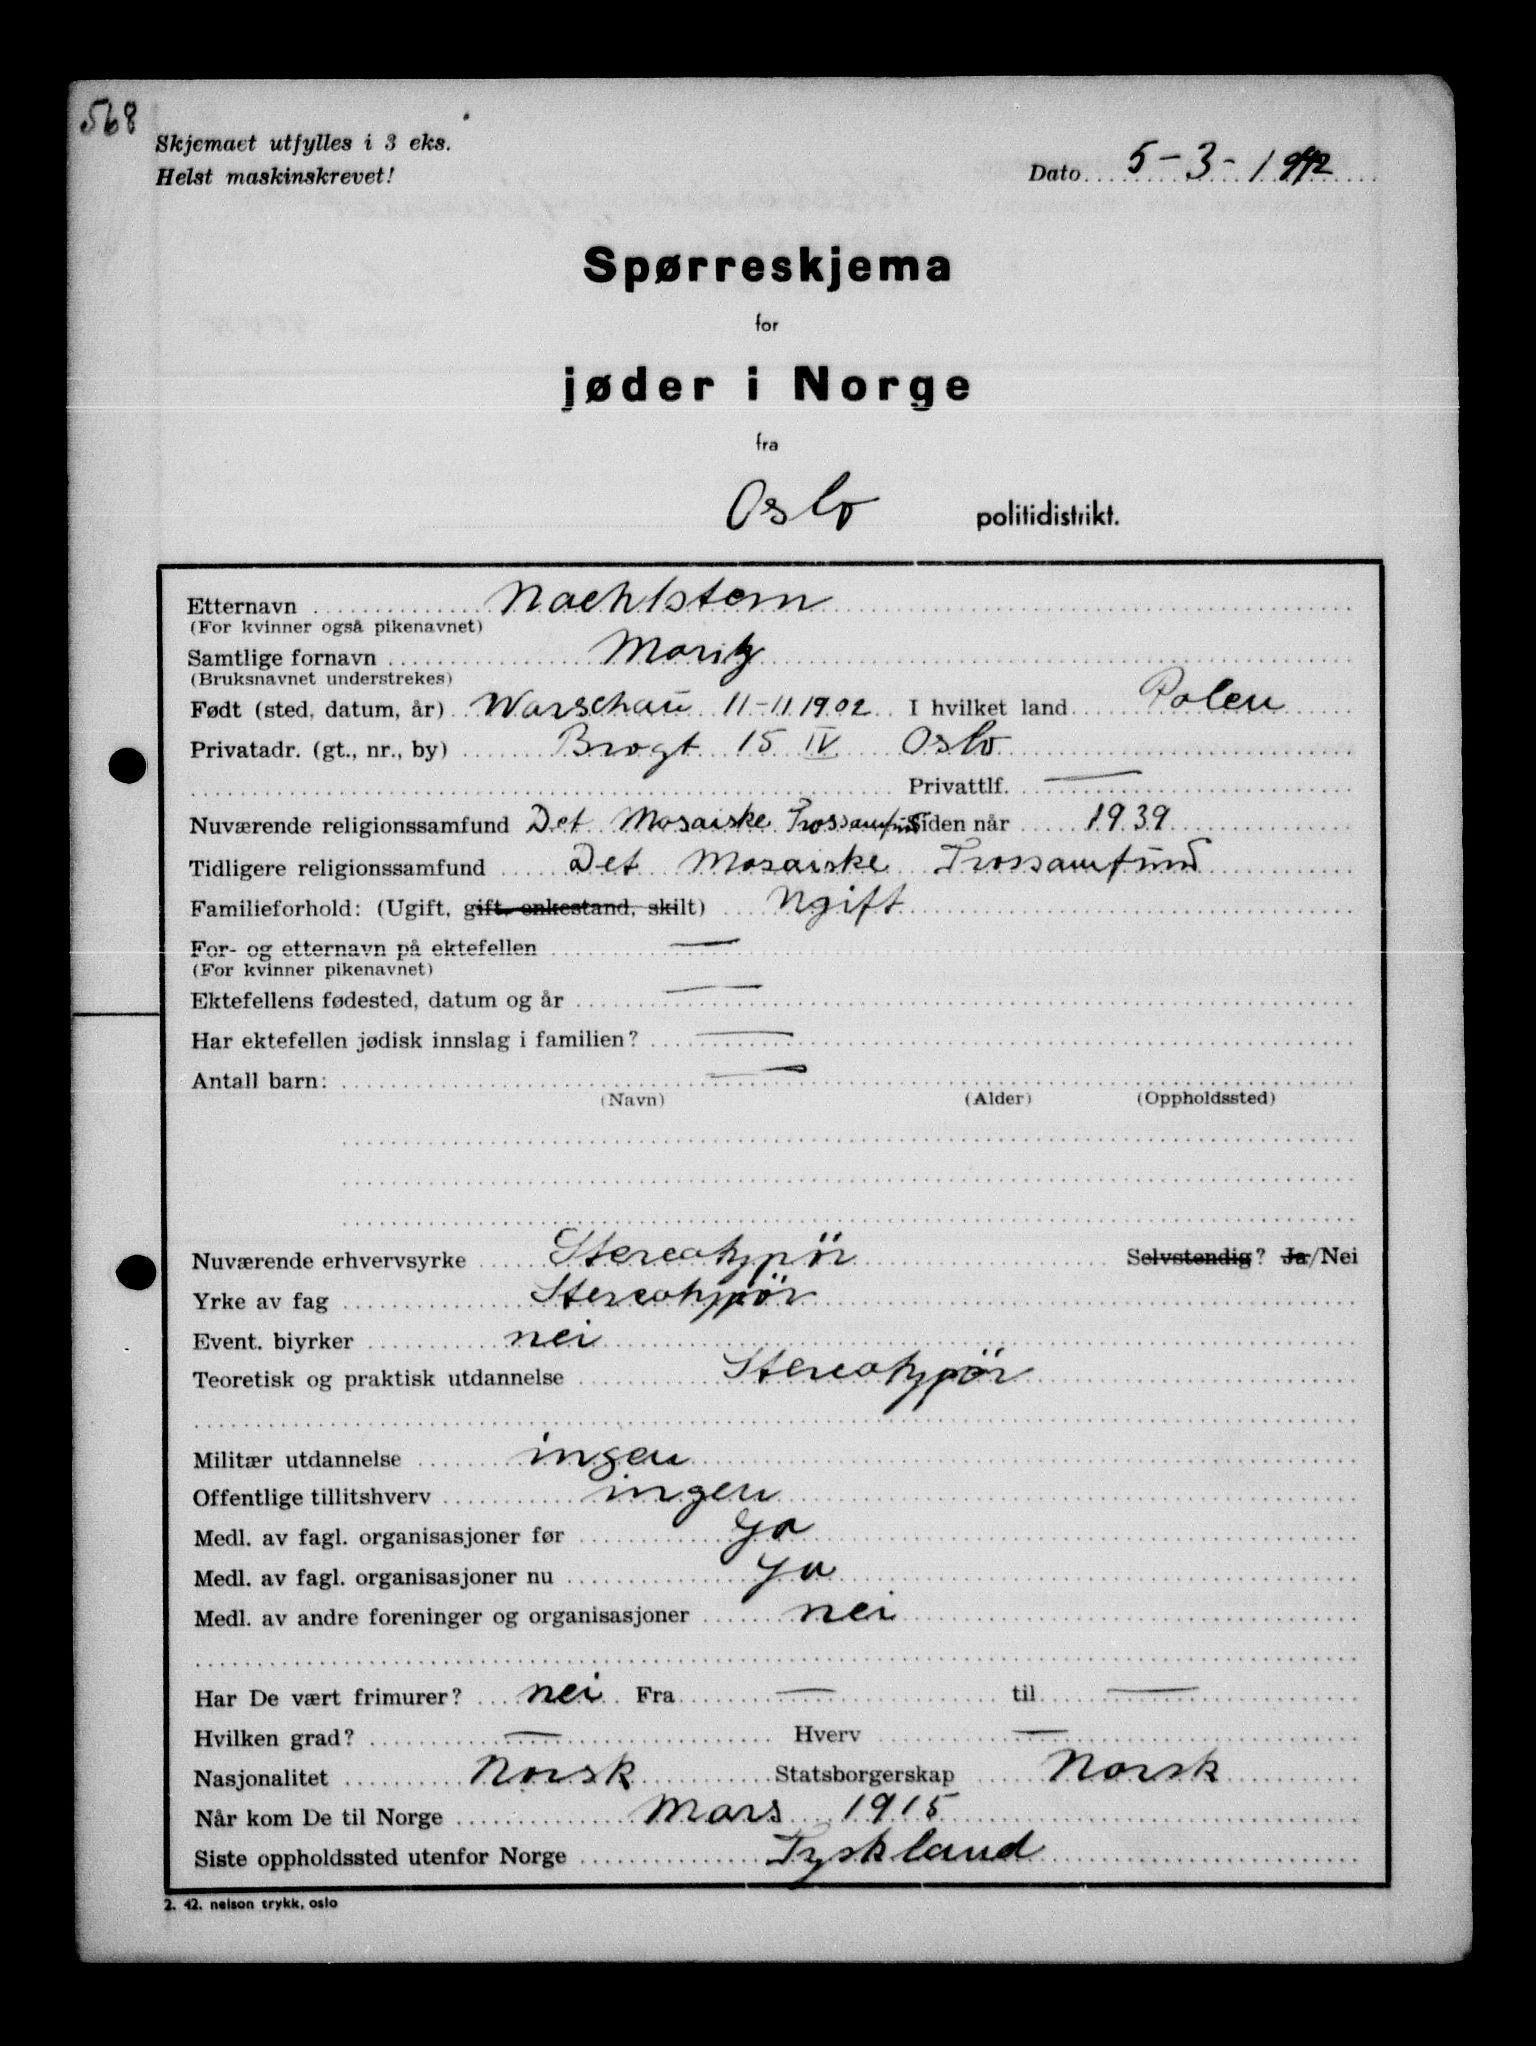 RA, Statspolitiet - Hovedkontoret / Osloavdelingen, G/Ga/L0010: Spørreskjema for jøder i Norge, Oslo Hansen-Pintzow, 1942, s. 304